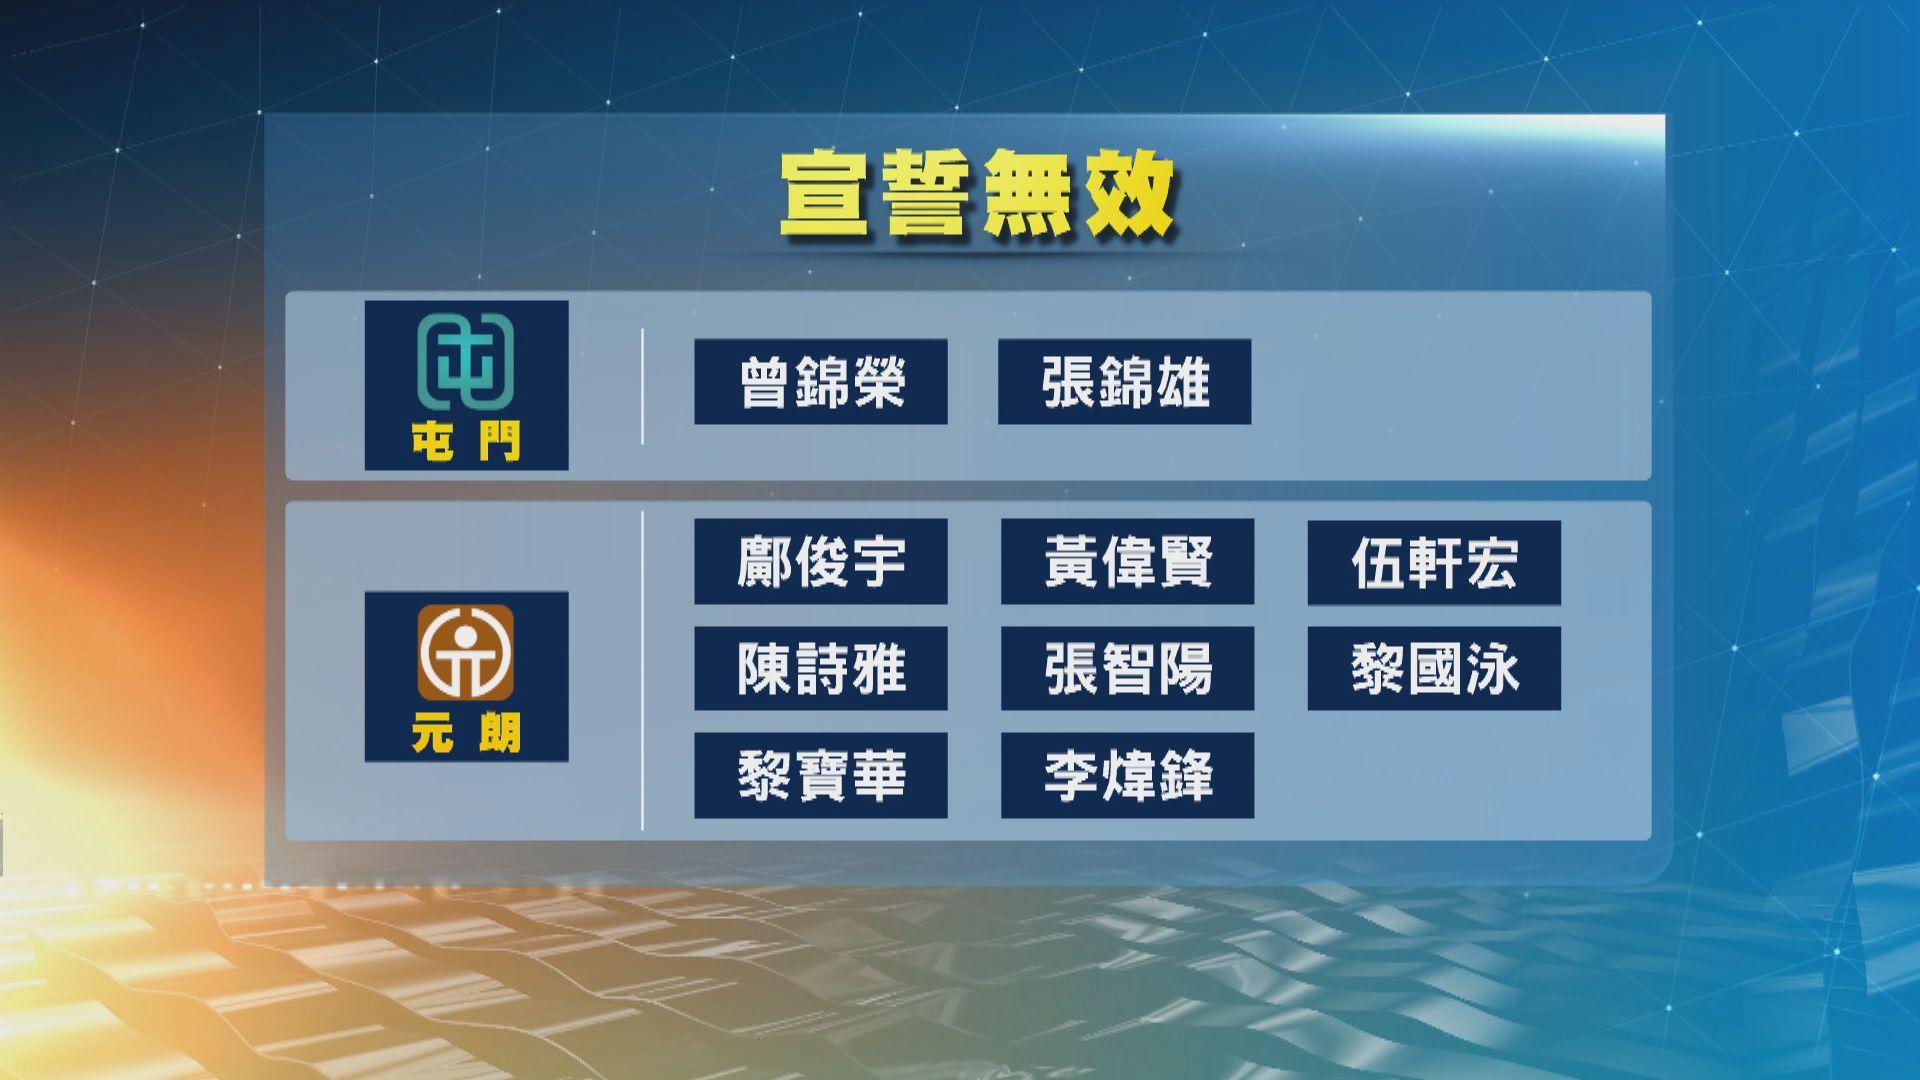 鄺俊宇、王進洋等十六名新西區議員被裁定宣誓無效